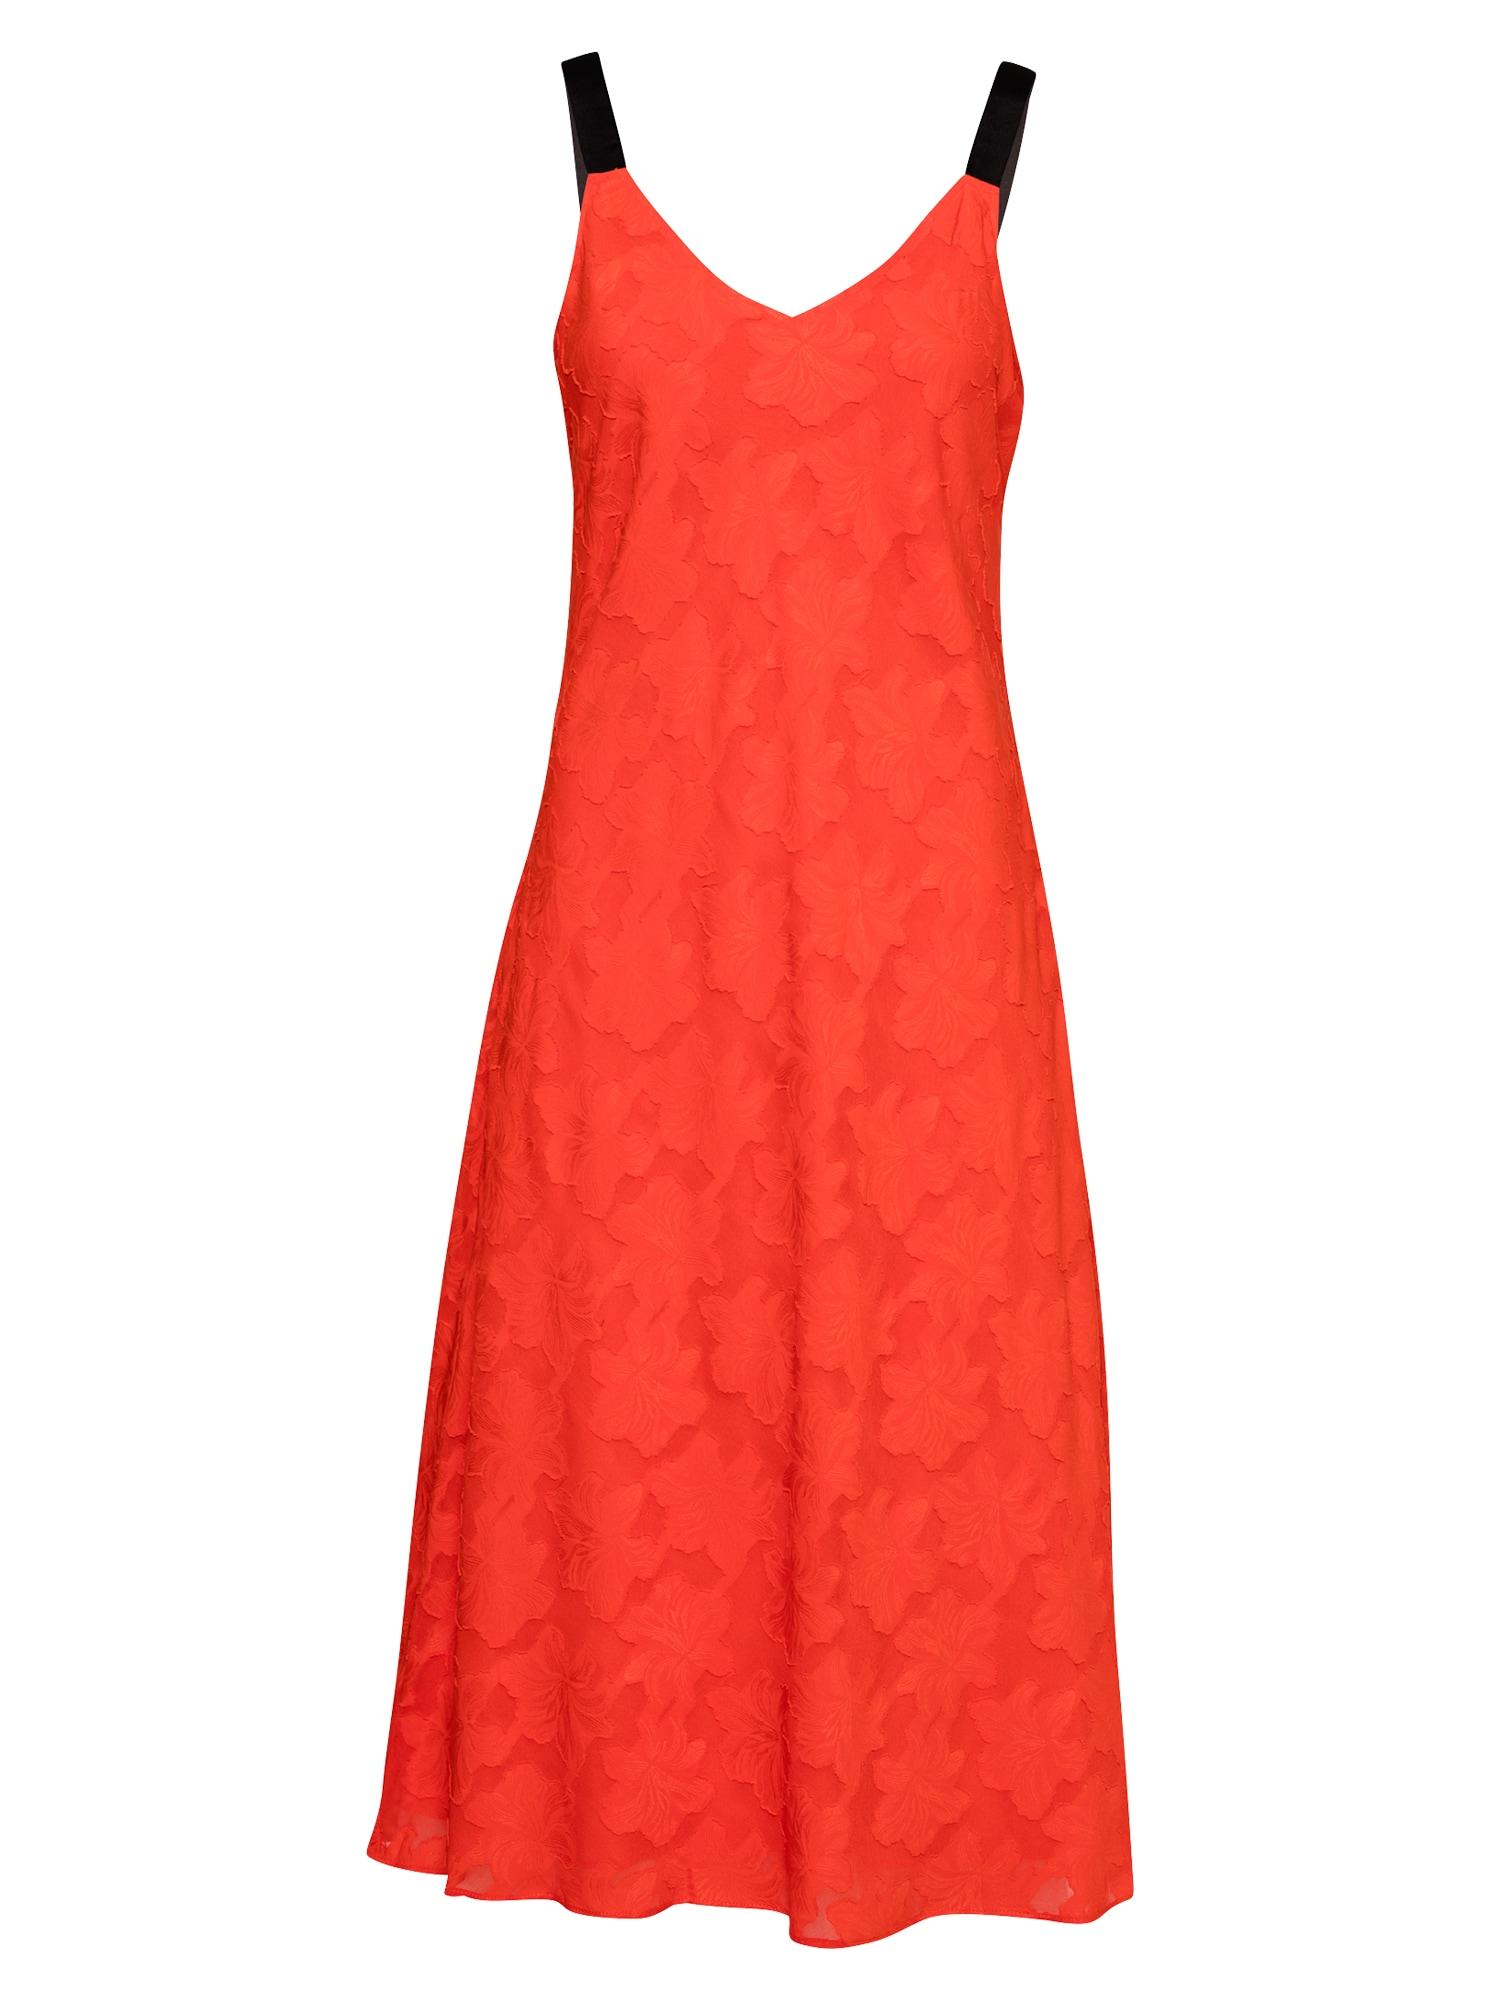 DKNY Suknelė raudona / juoda